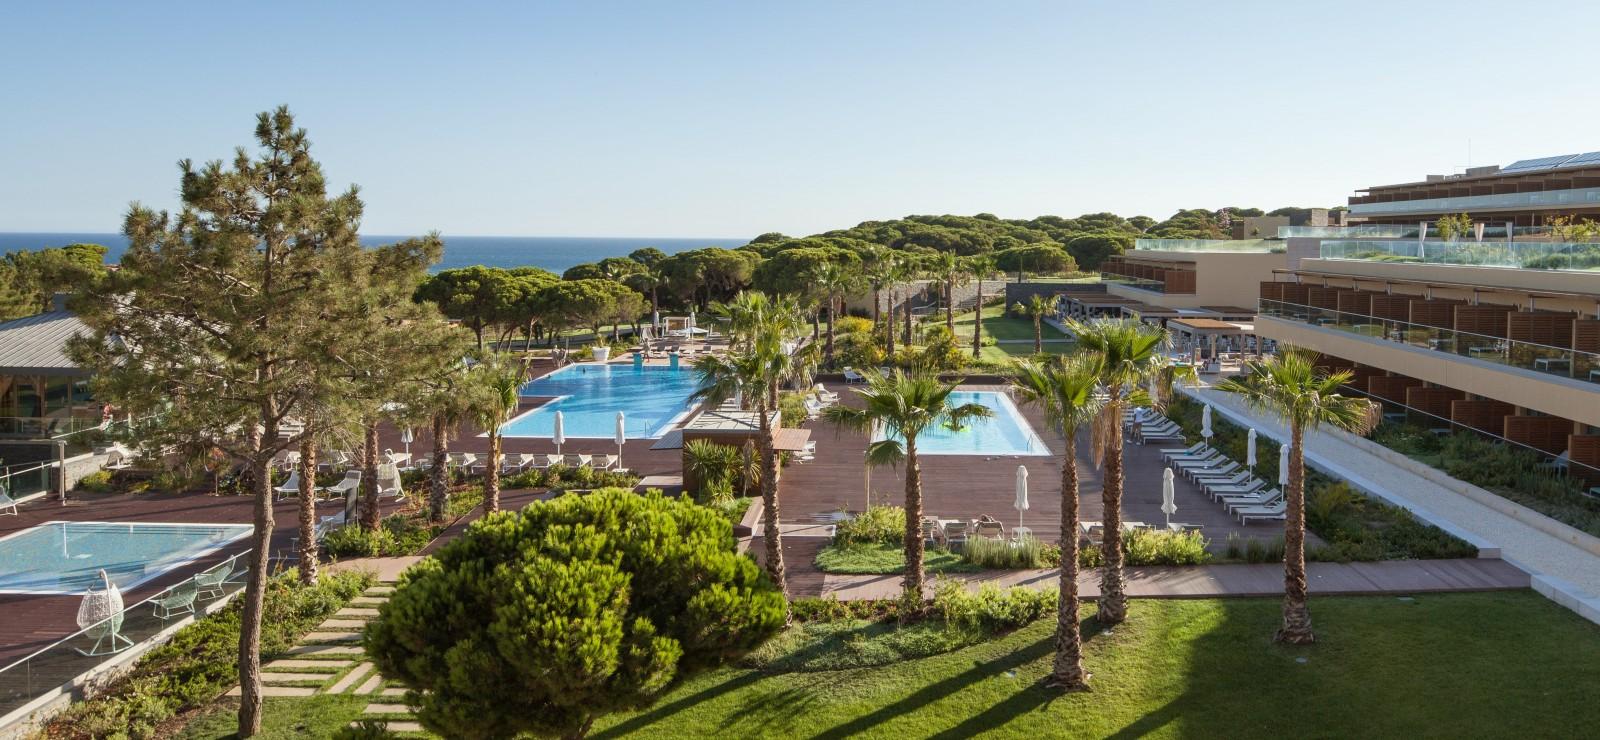 EPIC SANA Algarve Bilder | Bild 1